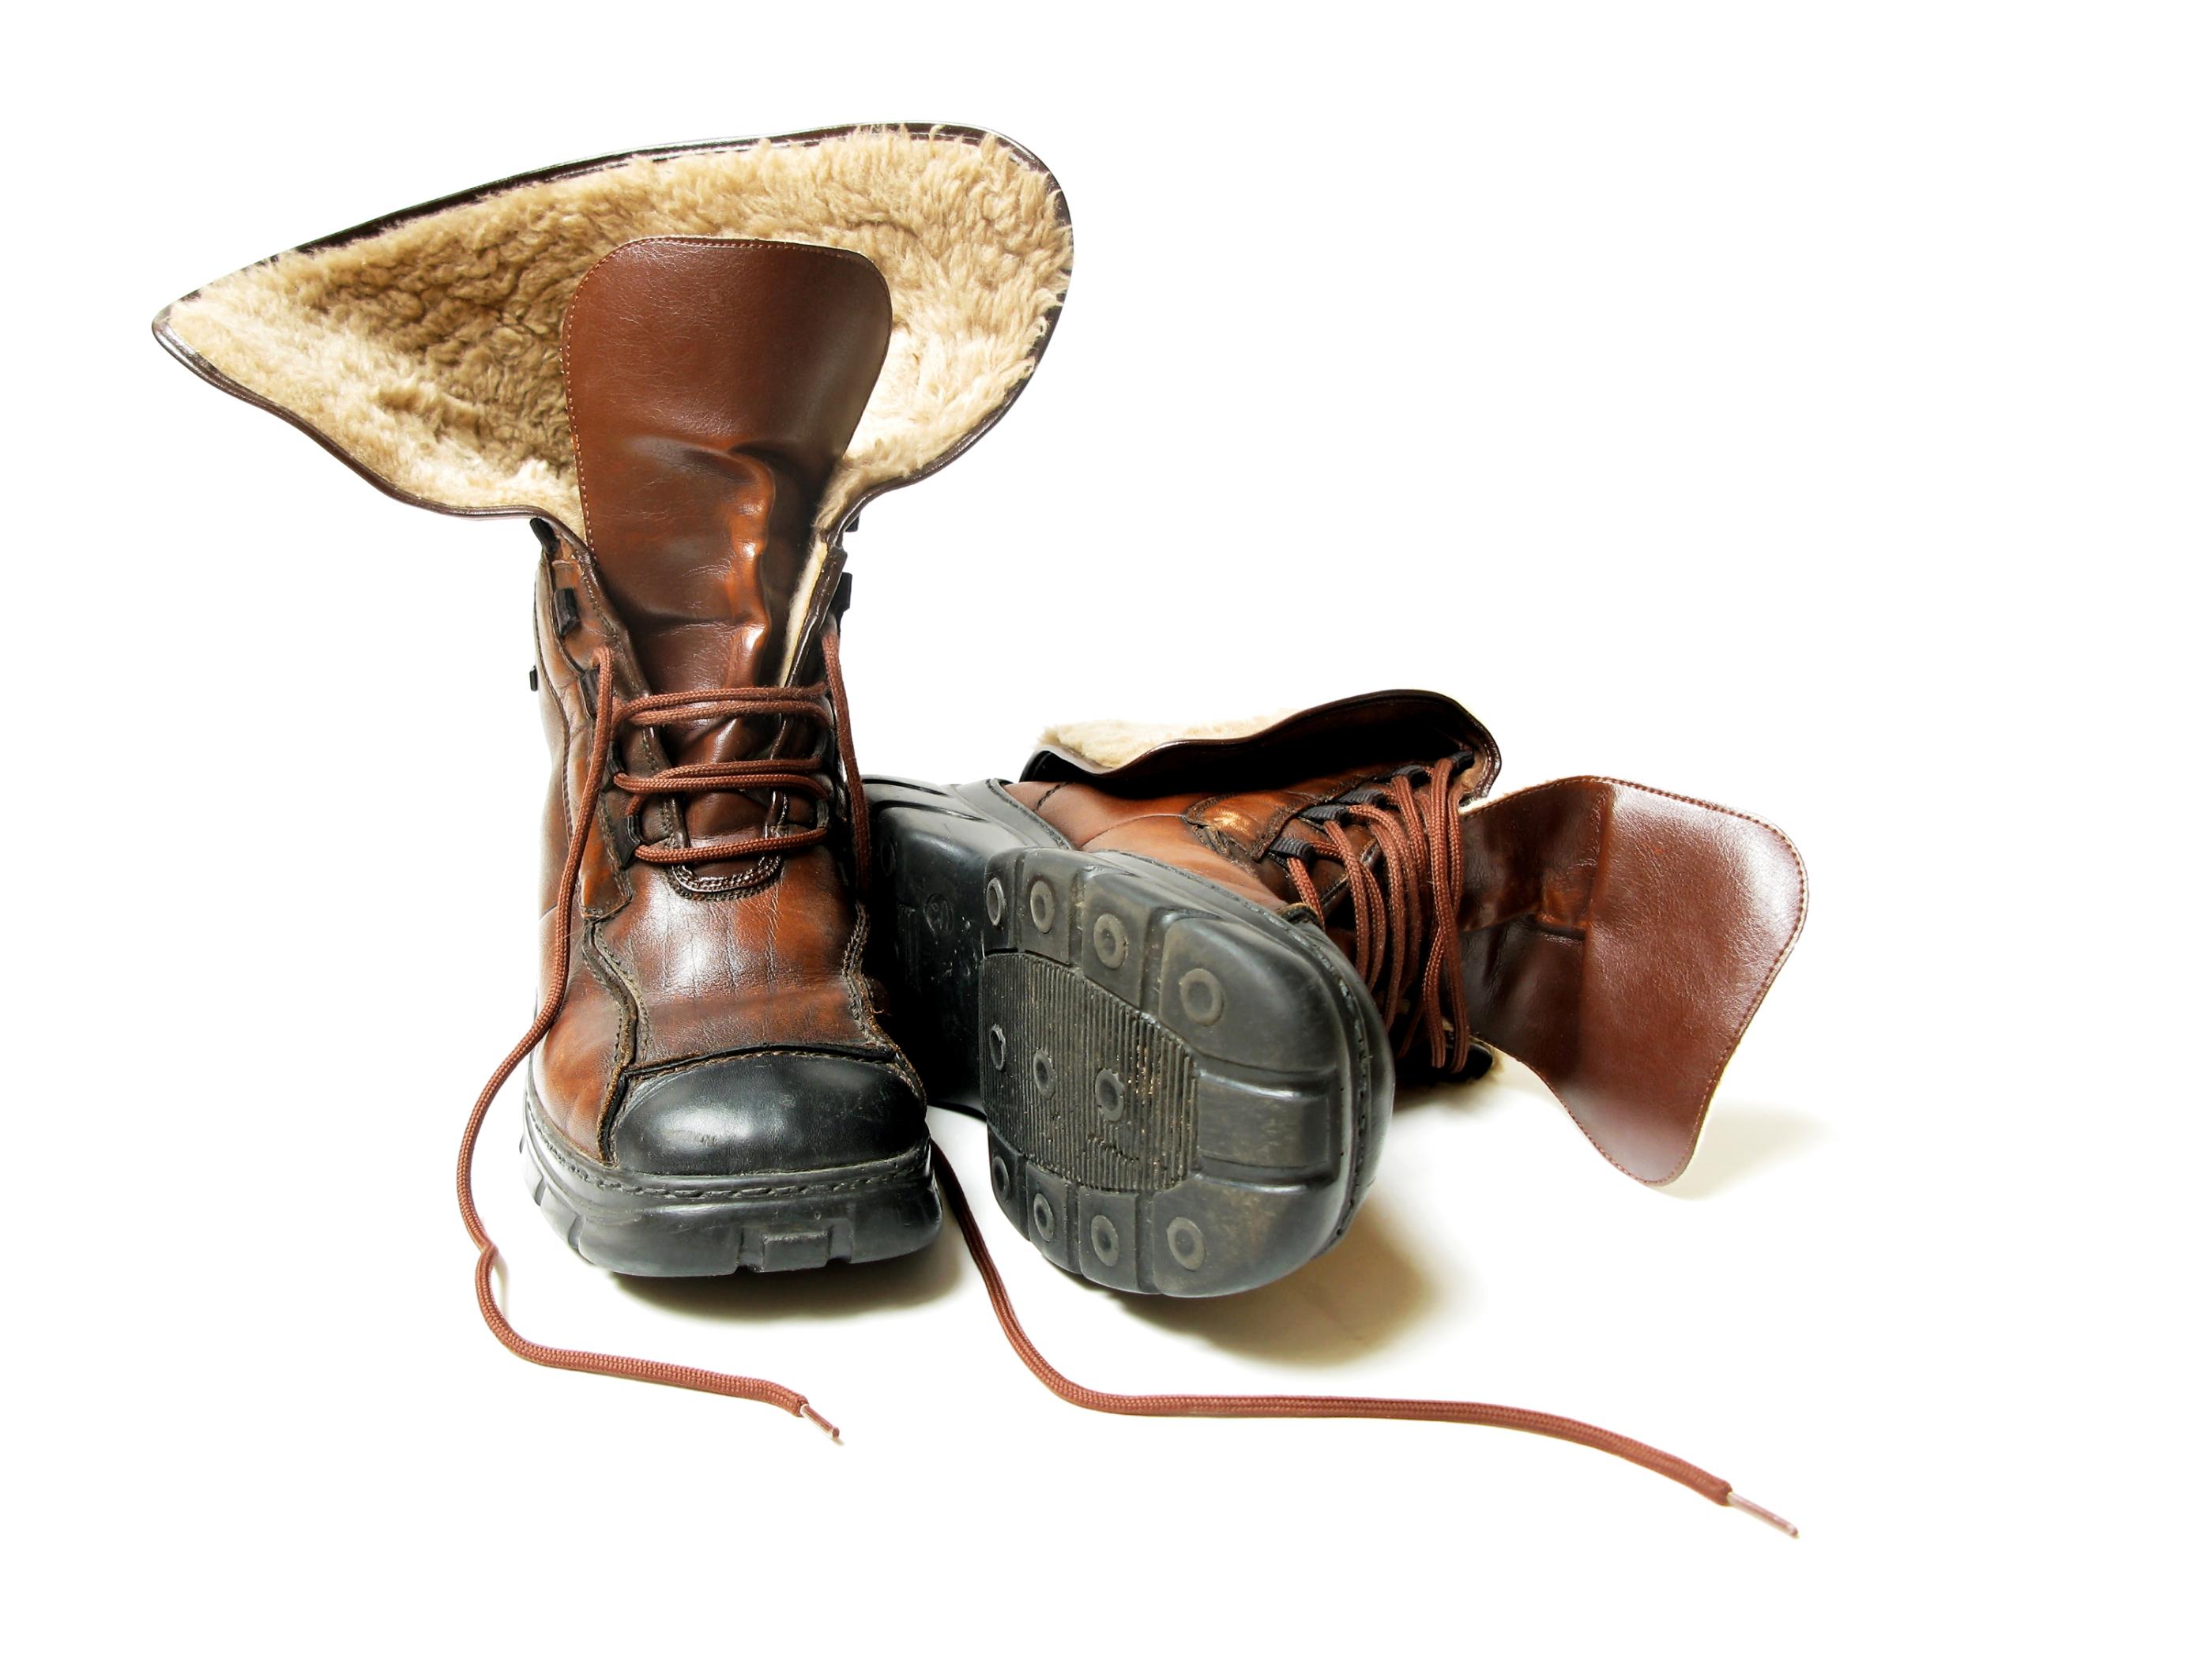 Samostatnou kategóriou je obuv. Aj tu treba dodržiavať niekoľko základných  pravidiel. Ak sa už vyberiete v zime do hôr 7ecc3bd872a